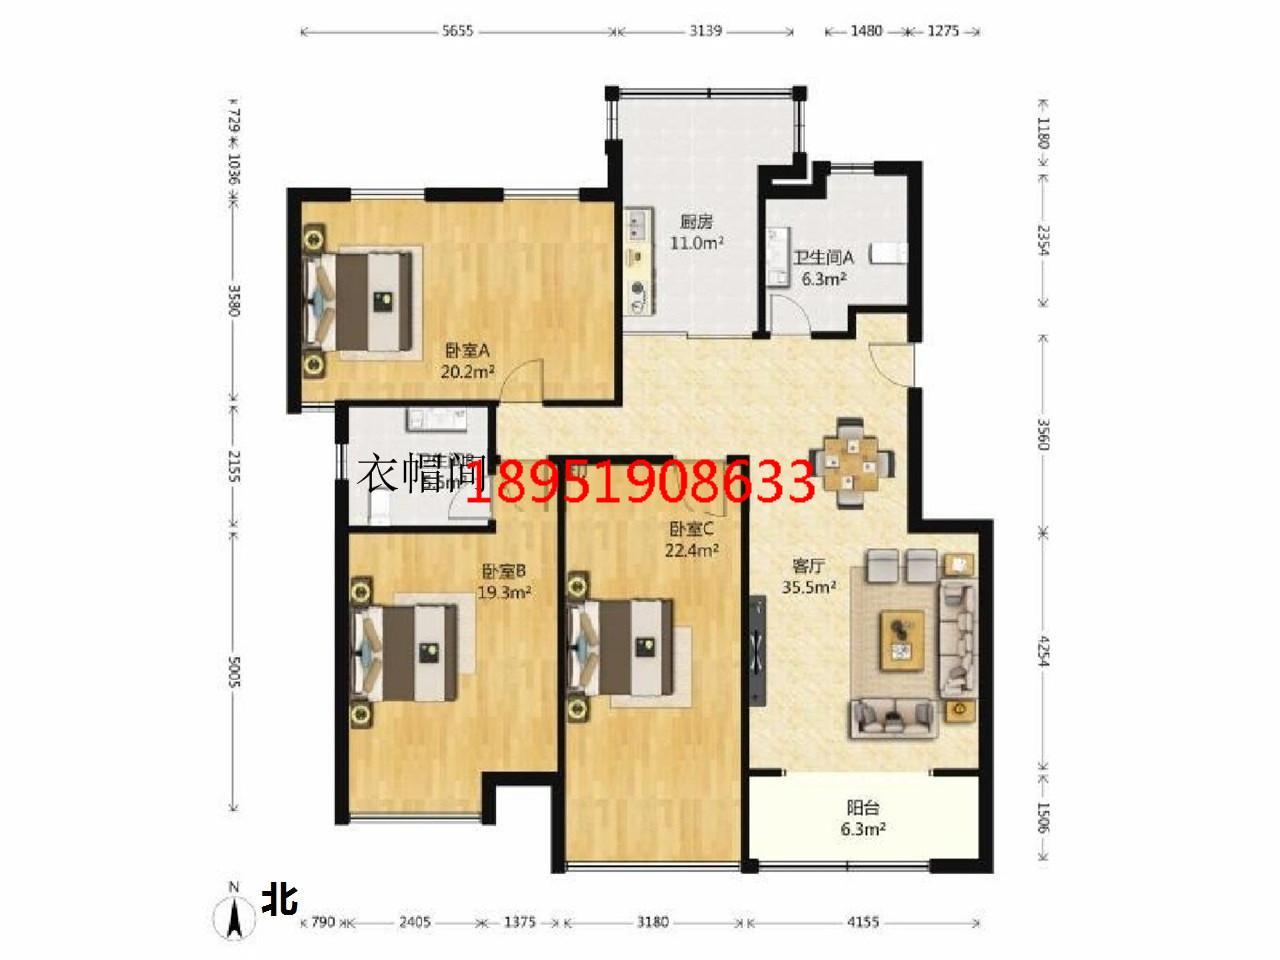 江宁区将军大道爱涛翠湖花园3室2厅户型图